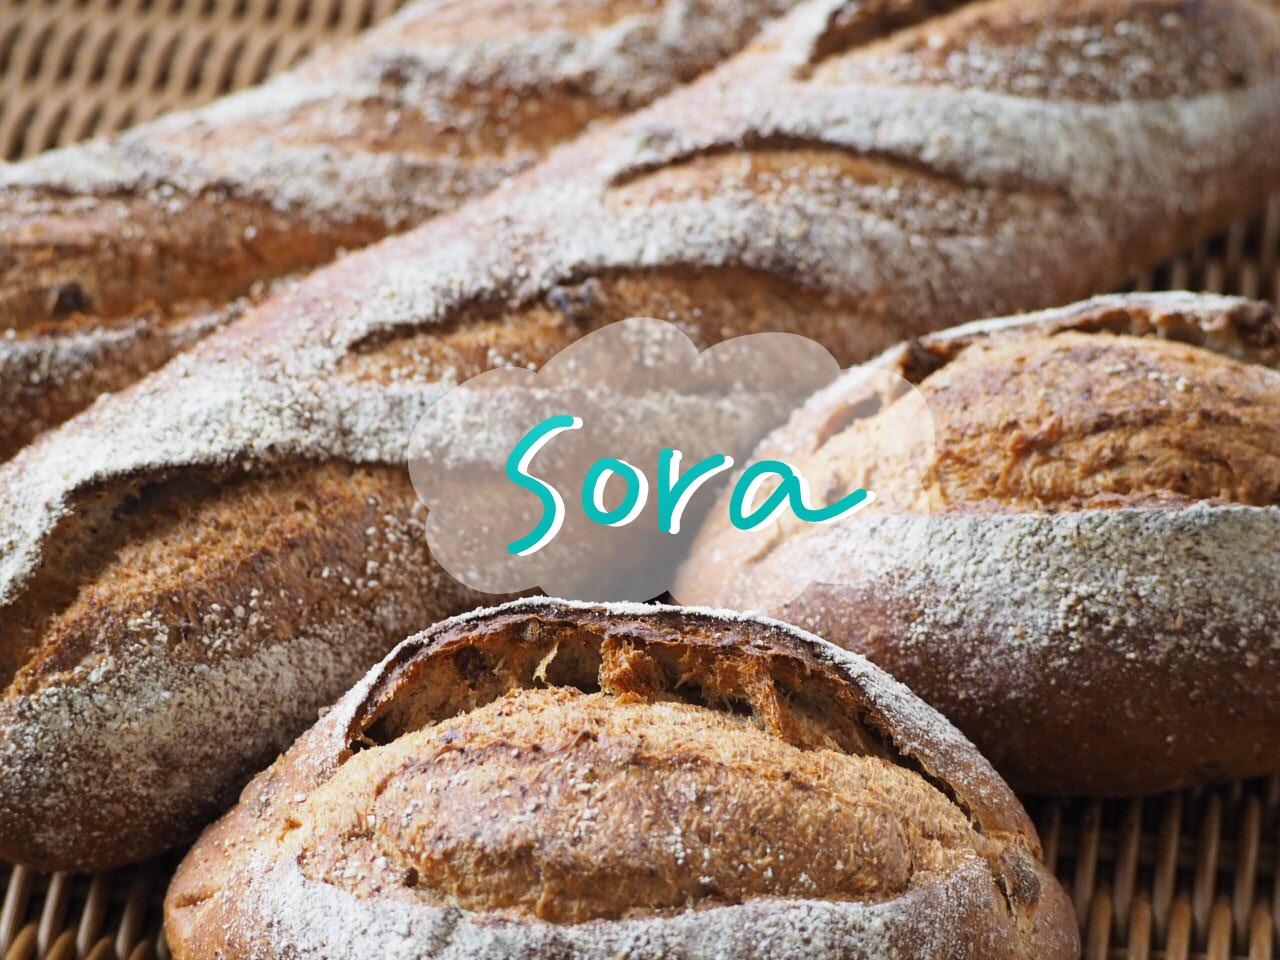 bakery sora